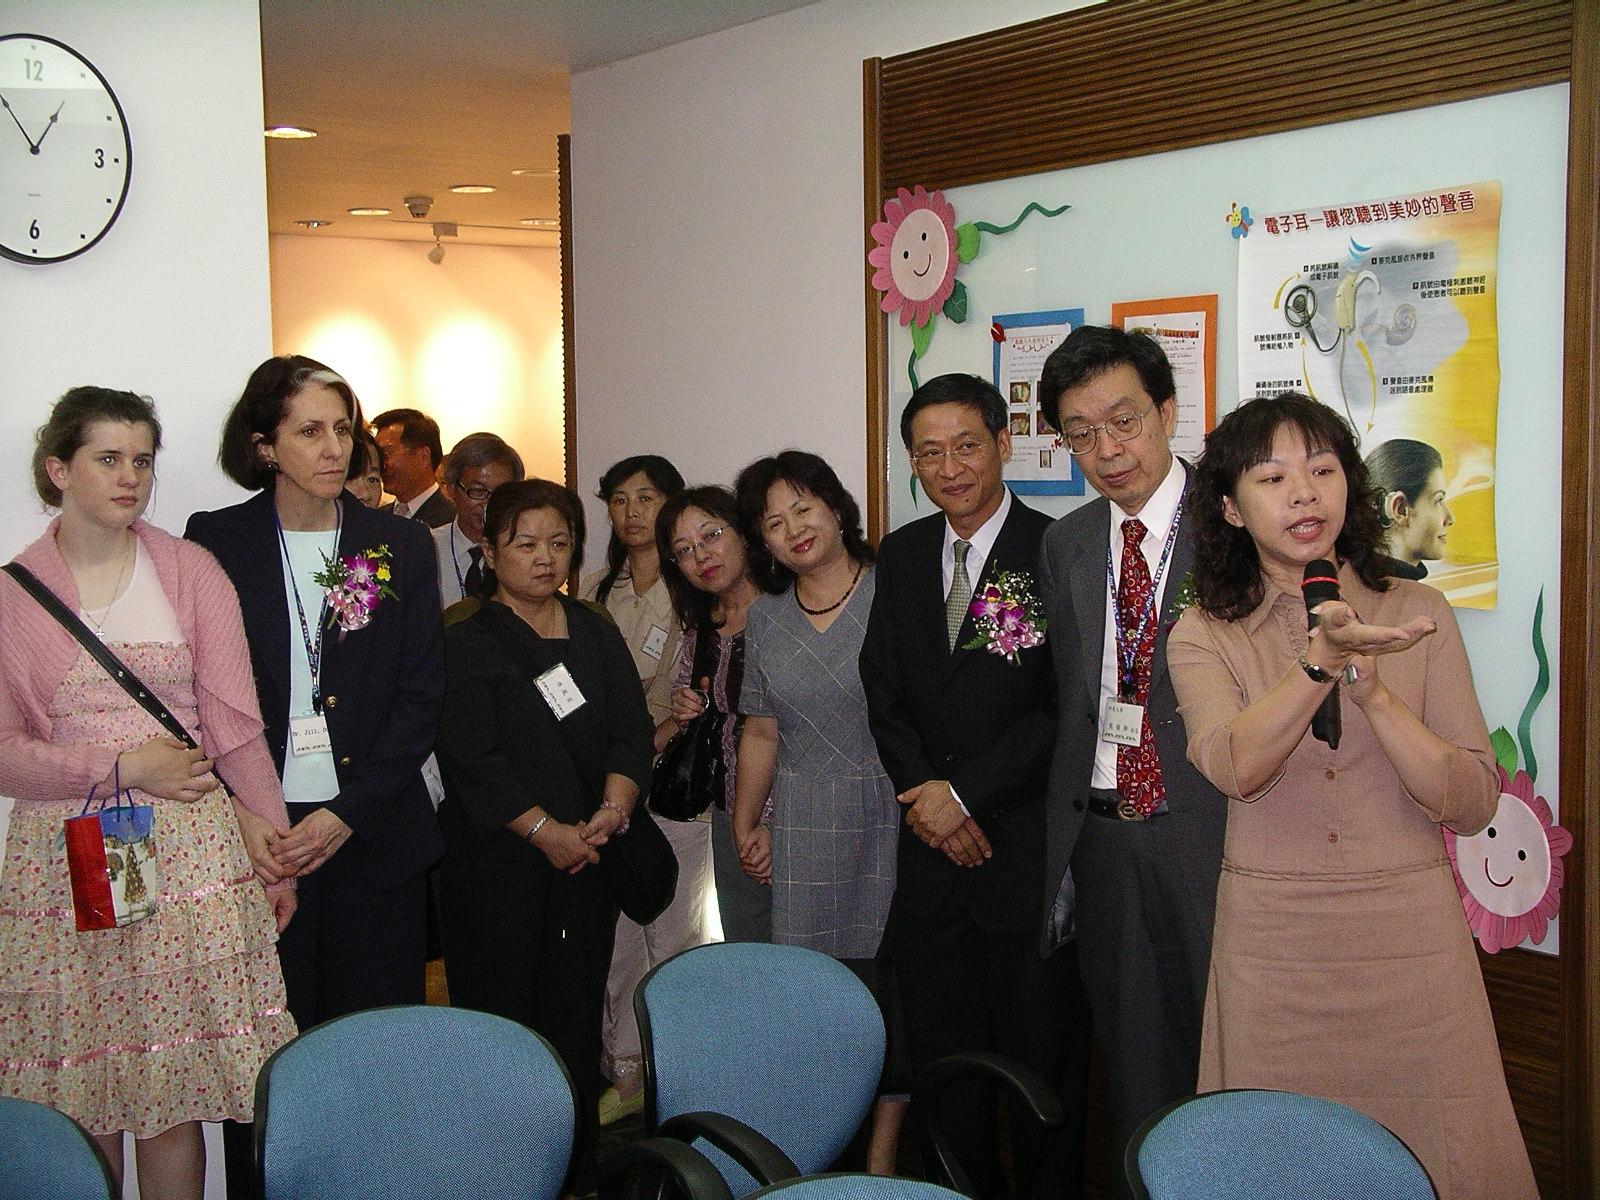 中原大學成立雅文聽語研究暨訓練中心 協助聽損兒童重拾聽語能力